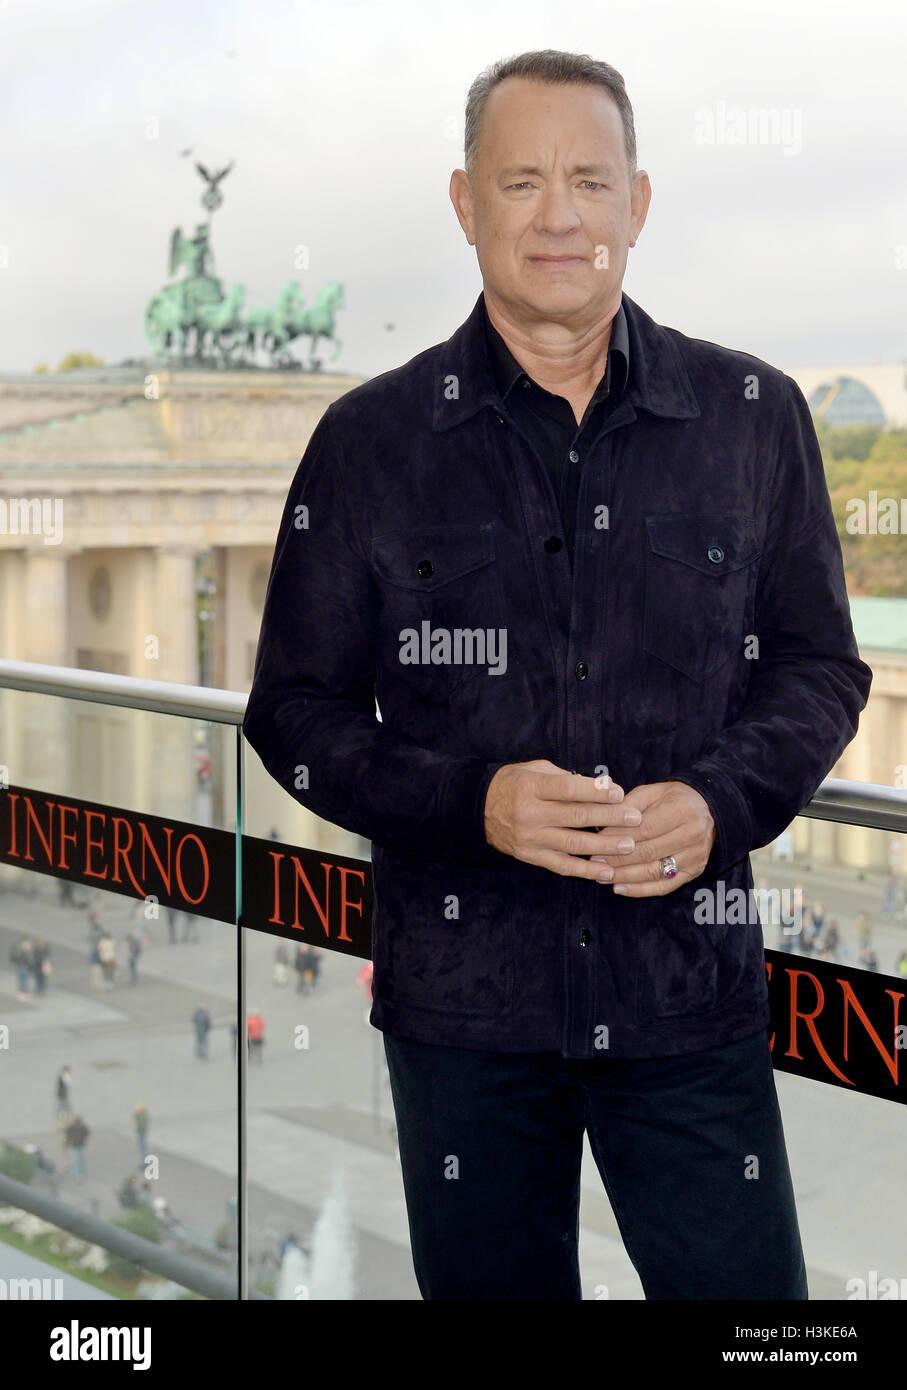 """Berlino, Germania. 10 ottobre, 2016. Attore americano Tom Hanks davanti alla Porta di Brandeburgo durante il """"Inferno"""" photocall a Berlino, Germania, 10 ottobre 2016. Foto: Britta Pedersen/dpa/Alamy Live News Foto Stock"""